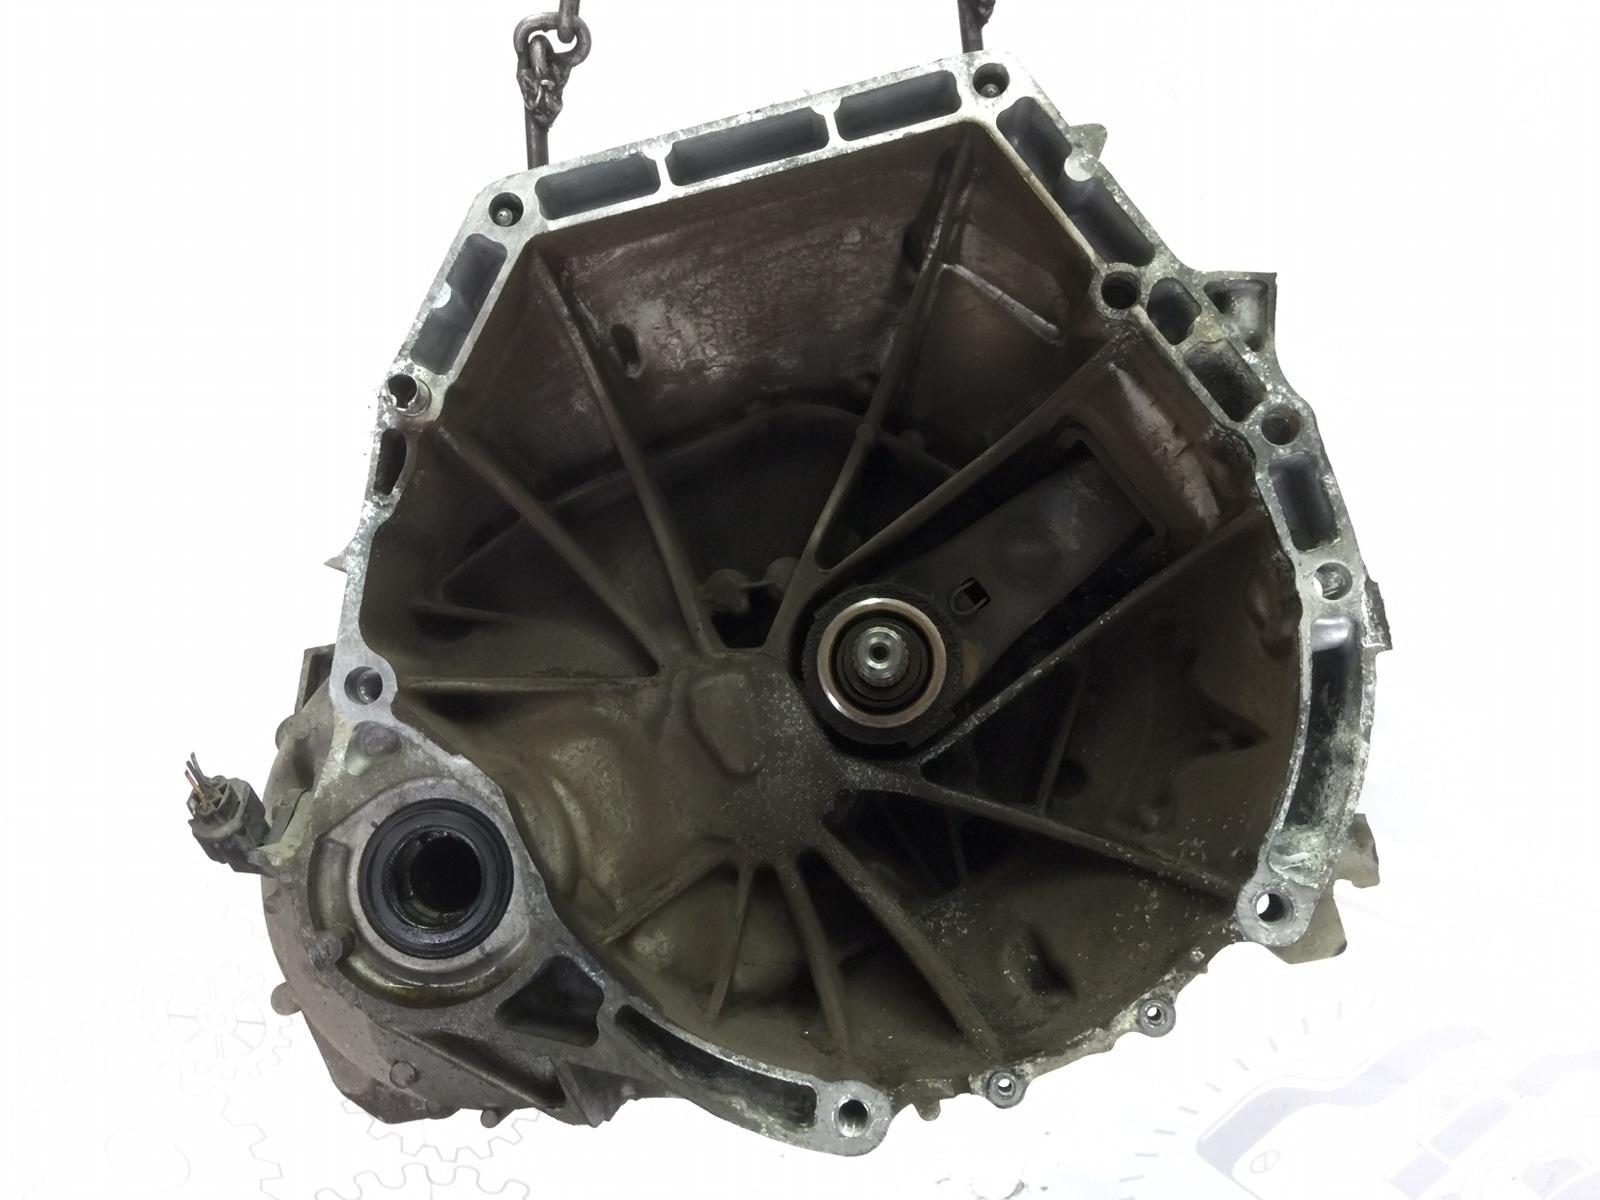 Кпп механическая (мкпп) Honda Civic 1.8 I 2007 (б/у)